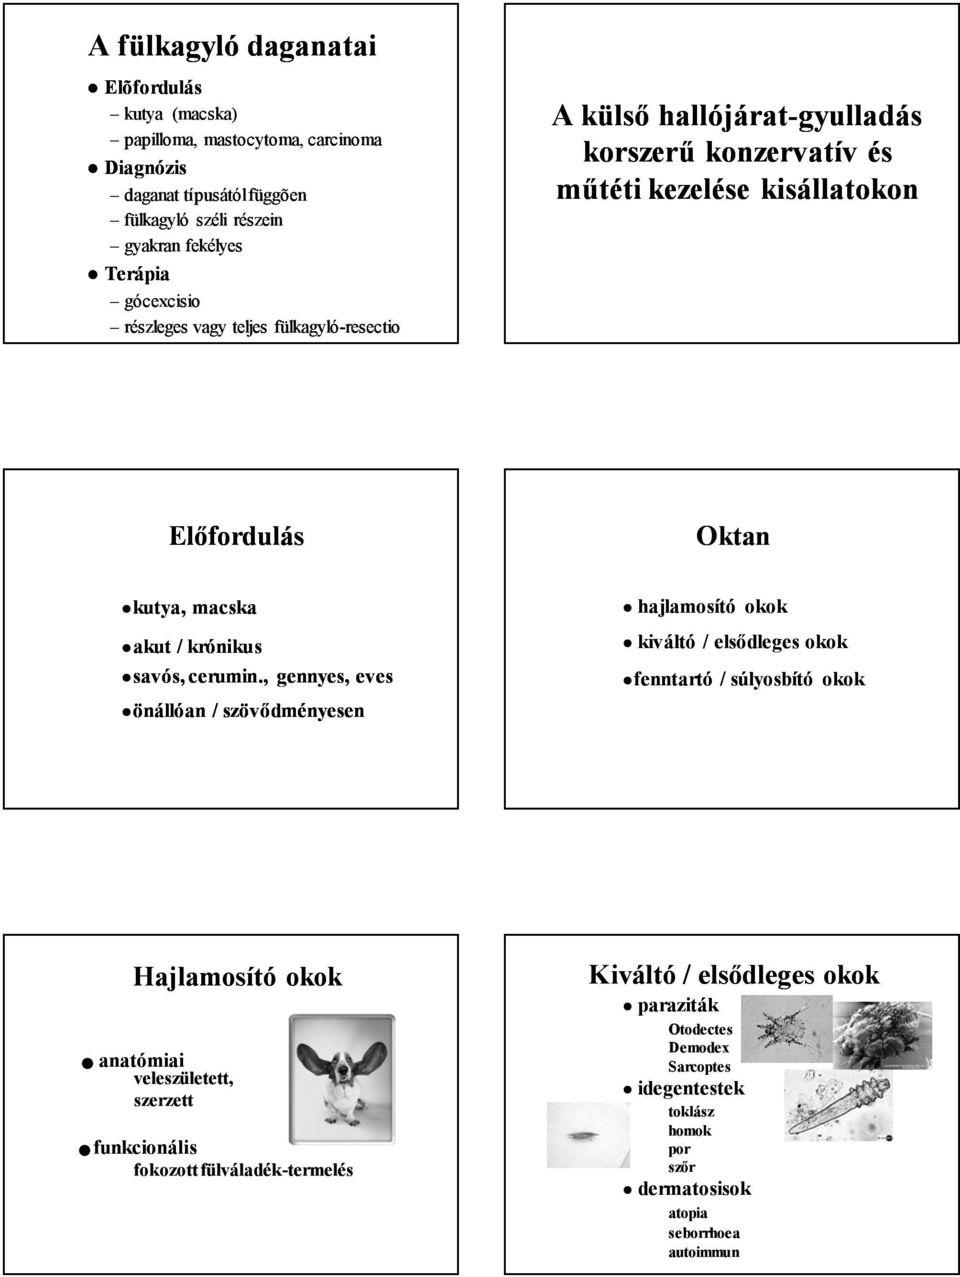 paraziták, amelyek papillómát okoznak gyomor- és parazitaellenes gyógyszerek